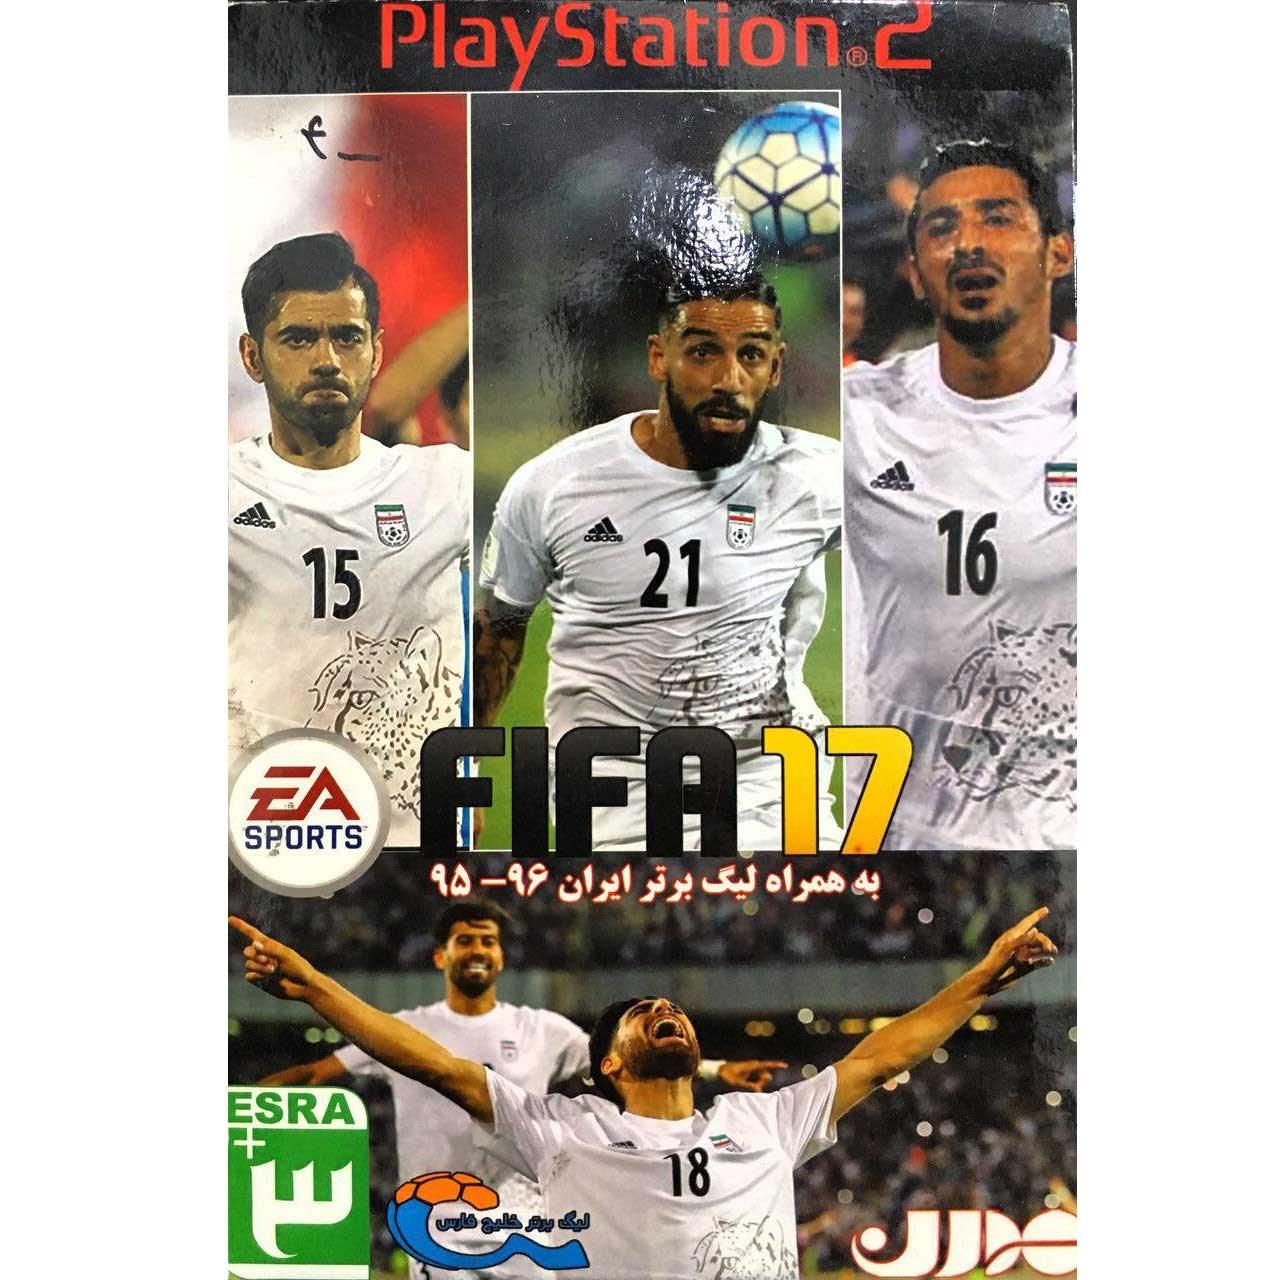 بازی FIFA 2017 PS2 به همراه لیگ برتر ایران 96-95